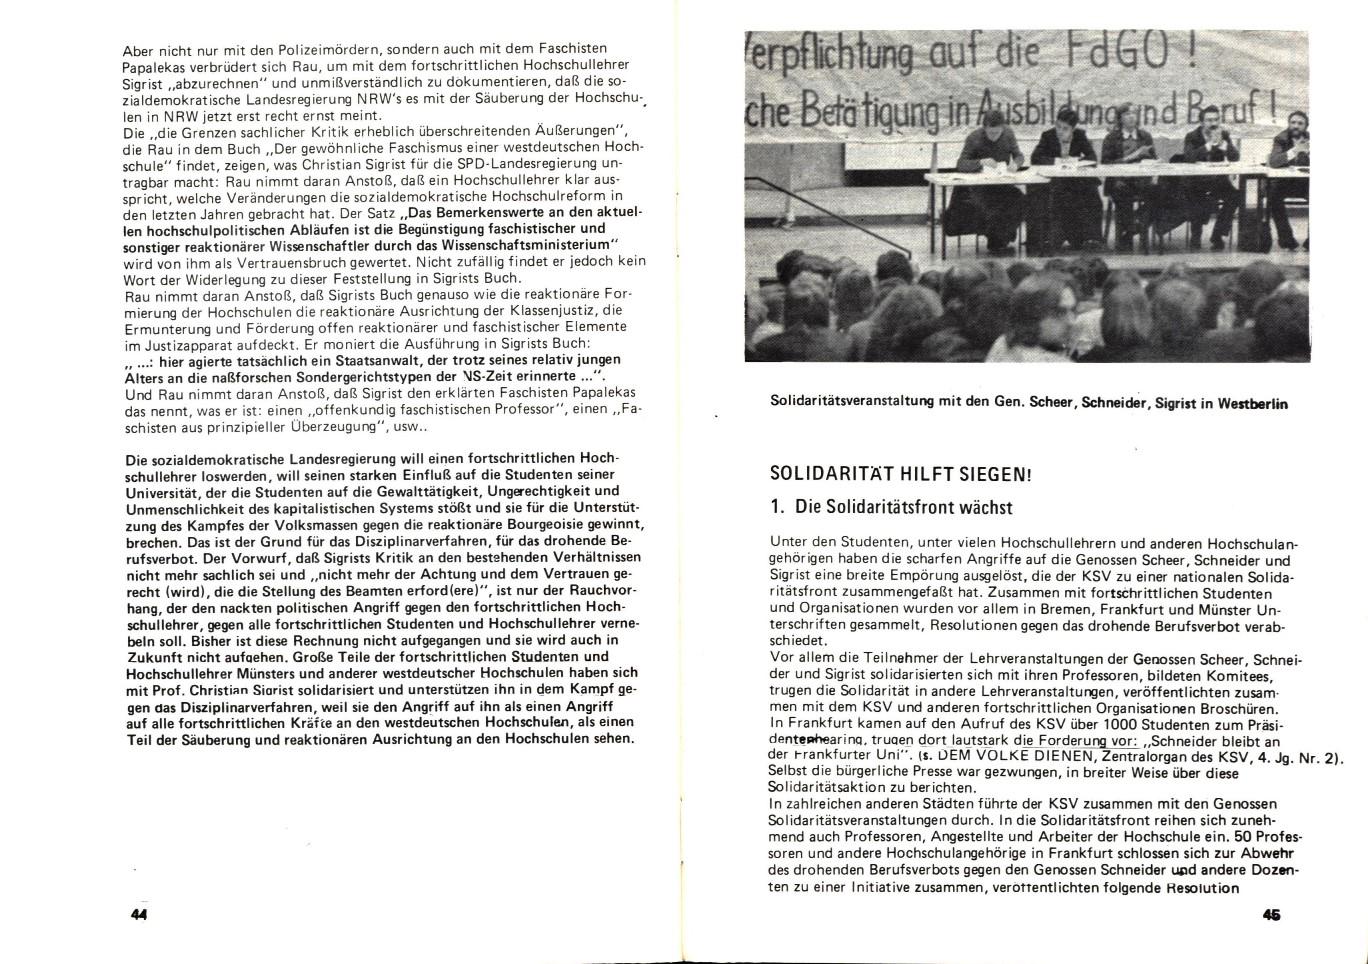 KSV_1975_Scheer_Schneider_Sigrist_23